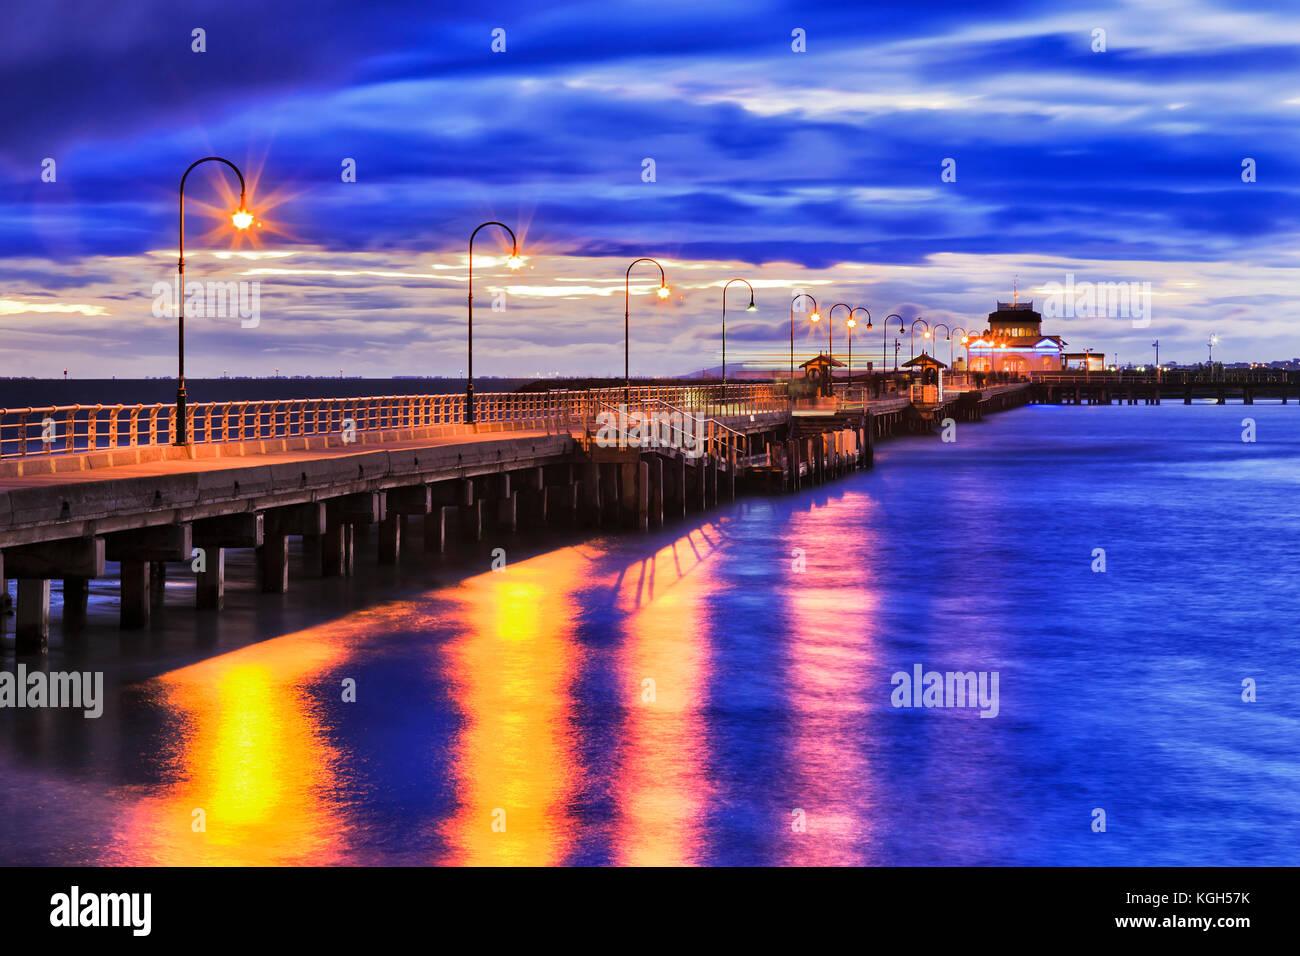 Stormy sunset at Port Philip bay autour de la plage St Kilda jetée historiques en bois avec éclairage Photo Stock